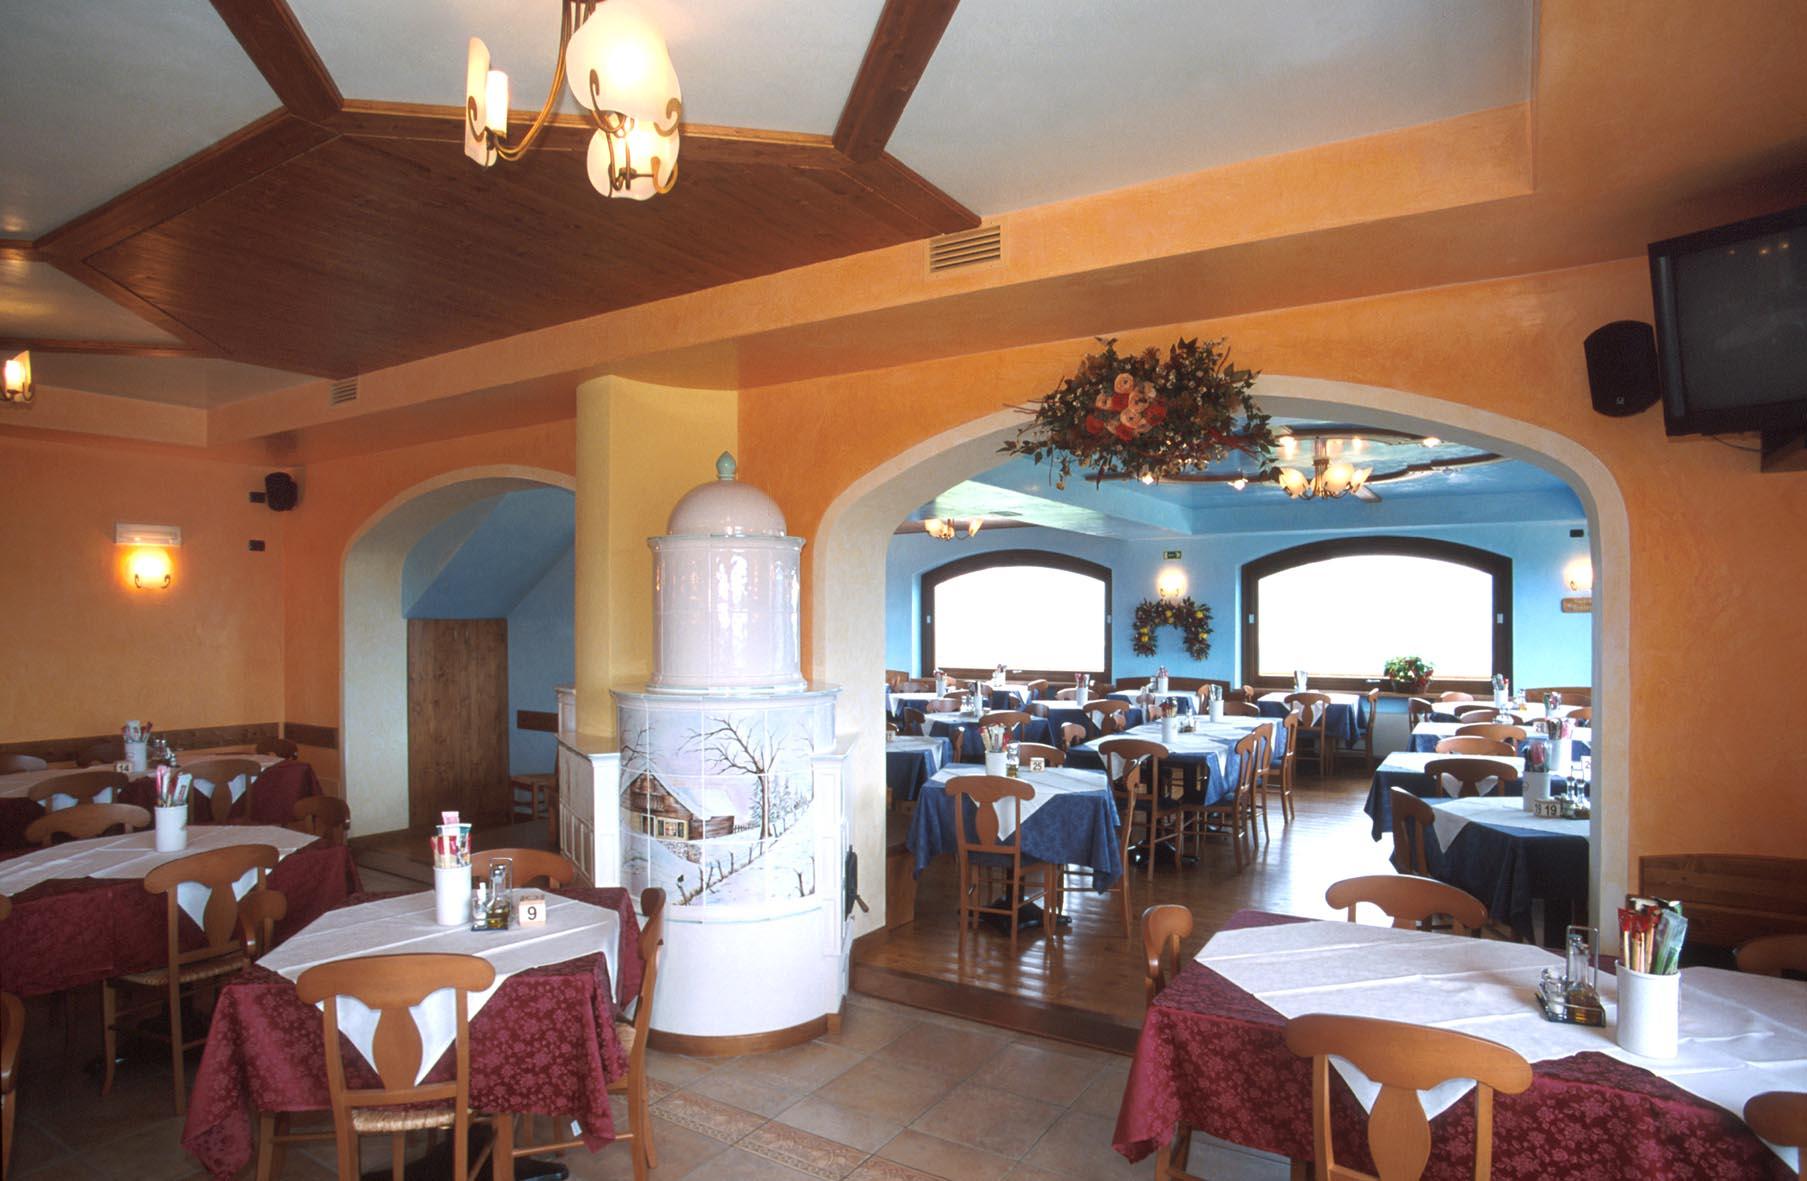 Pizzeria Ristorante Locale con panorama unico sull'Altopiano di Asiago